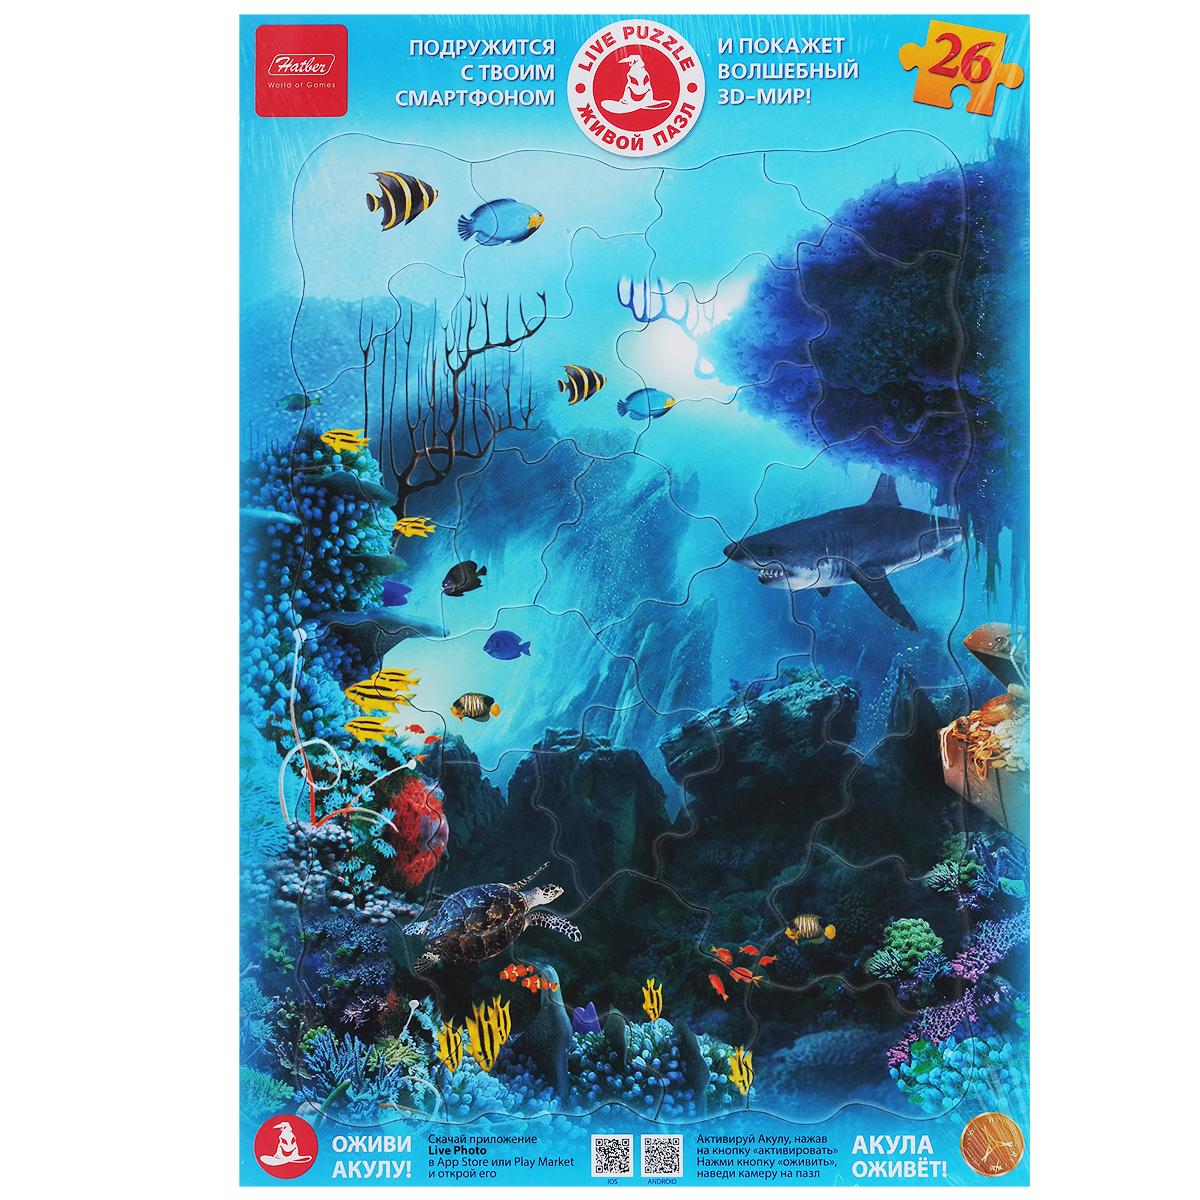 Акула. Живой 3D-пазл, 26 элементов26ПЗ4_13176Пазл Акула, без сомнения, придется по душе вашему ребенку. Собрав этот пазл, состоящий из 26 элементов, малыш получит красочную картинку с изображением кораллового рифа, населенного множеством разноцветных рыбок и грозной акулой, и сможет оживить пазл при помощи смартфона! Для того, чтобы оживить акулу, необходимо скачать бесплатное приложение Live Photo в App Store или Play Market на смартфон или планшет, и открыть его. Активируйте динозавра, нажав на кнопку активировать, затем нажми кнопку оживить и наведите камеру на пазл. Перед вашими глазами возникнет настоящее чудо. Объёмные изображения настолько реалистичны, что полностью погружают вас в удивительный и волшебный 3D-мир. Специальная рамка-планшет позволяет легко собирать пазл, а также хранить его - и малыш в любое время сможет вновь оживить свою поделку!